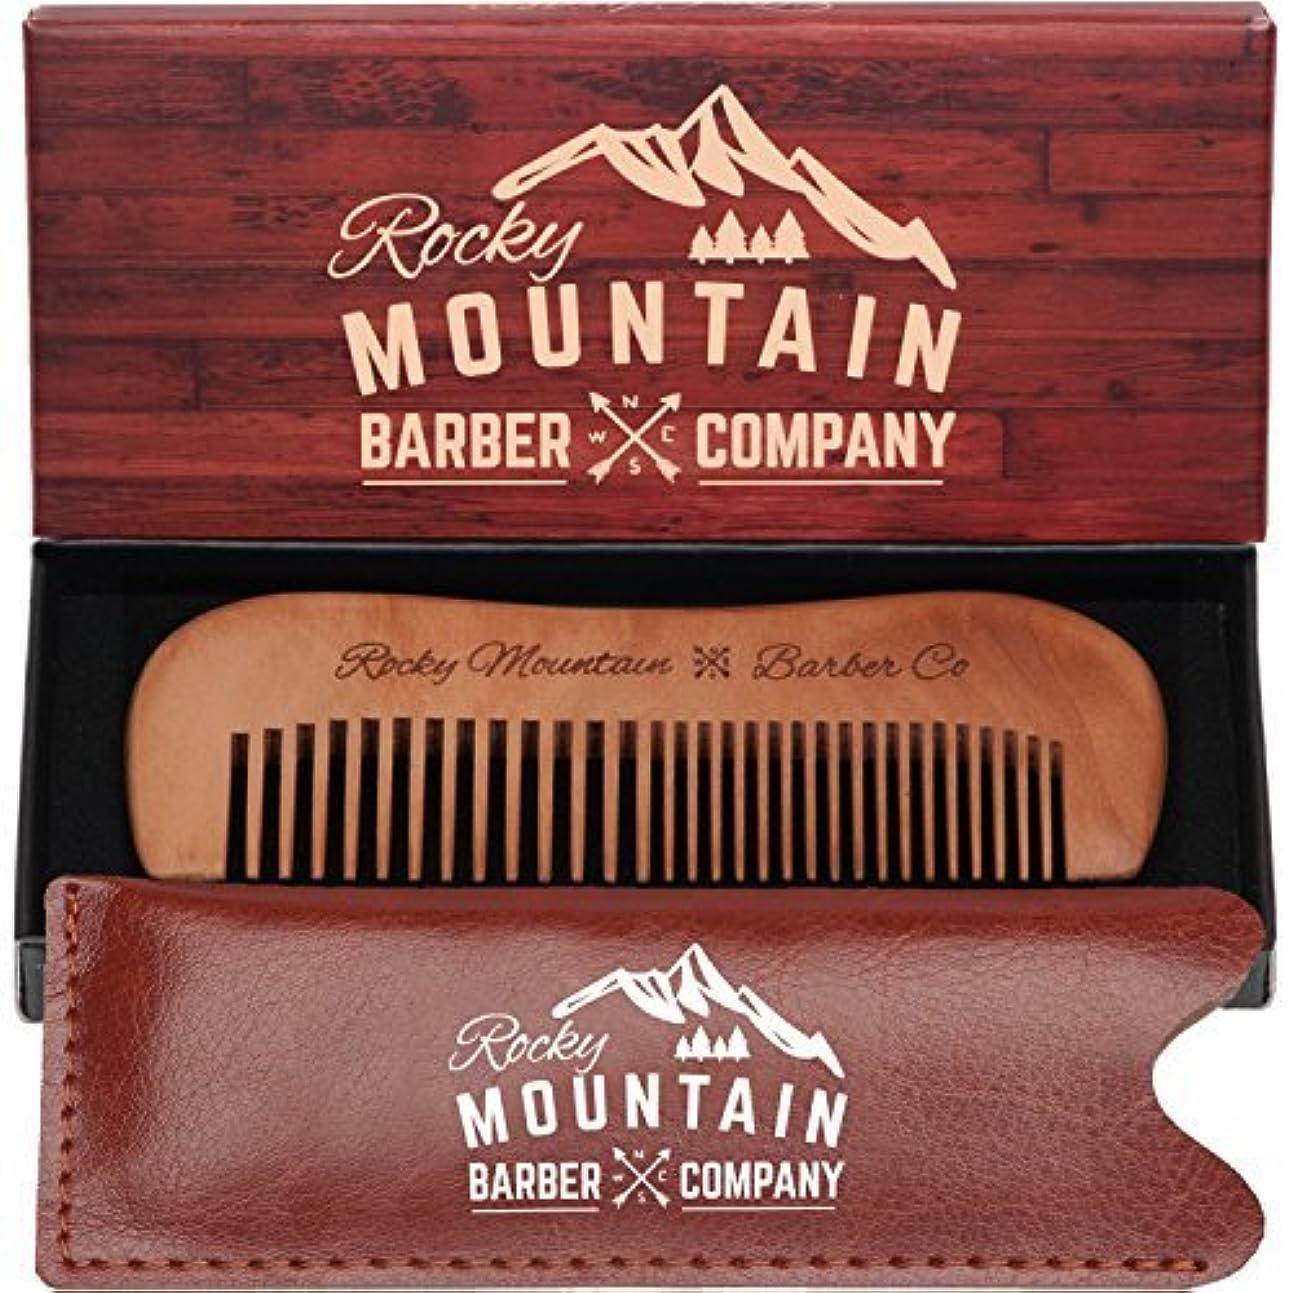 倍率ペストリー良性Travel Hair Comb - Travel Size Comb with Fine and Medium Tooth for Mustache, Beard and Hair With Pocket Carrying Case - Anti-Static and Tangle-free. [並行輸入品]